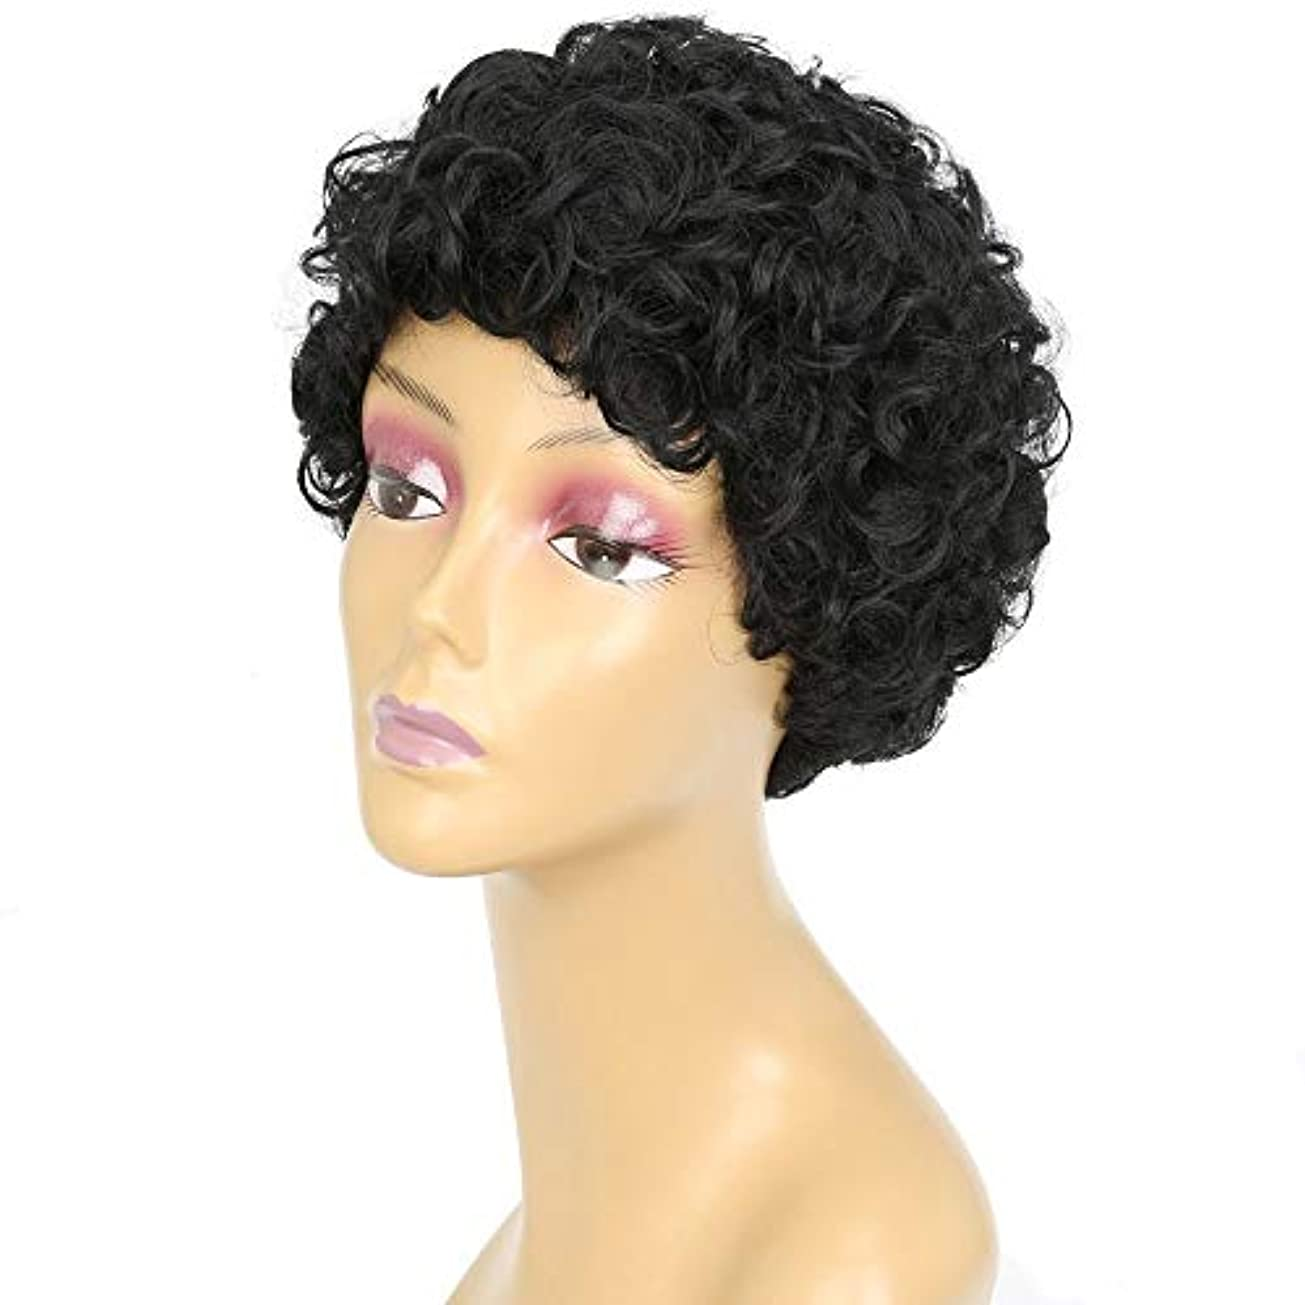 ラッチダイアクリティカルバーストWASAIO 女性の黒の巻き毛ウィッグ爆発的な縮れたスタイルスタイルの交換用アクセサリー自然な絶妙なローズネットカバー(ブラック) (色 : 黒)